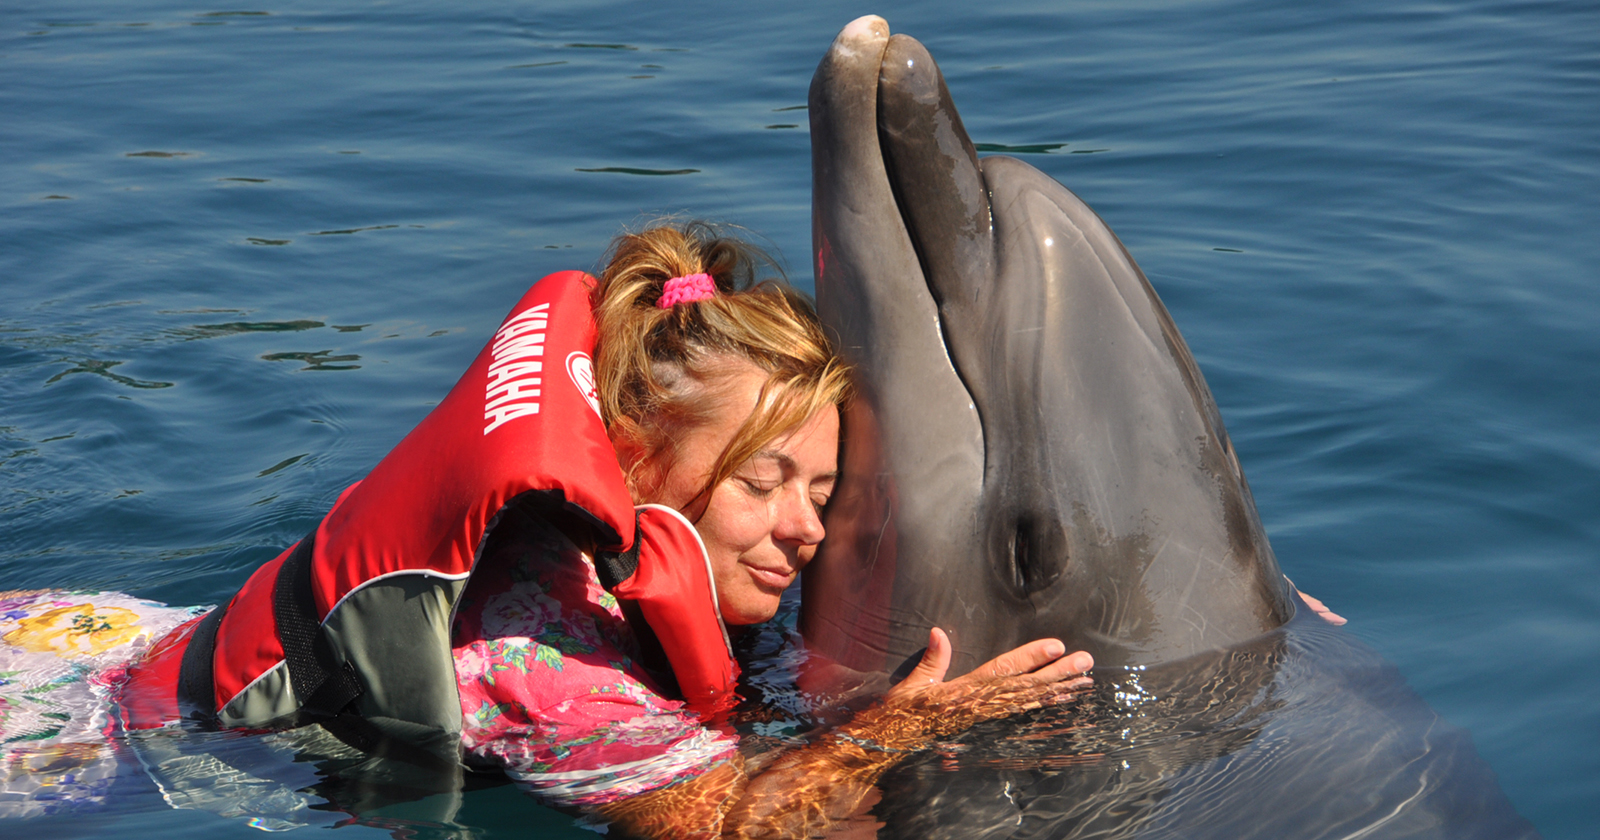 Zuzana Babicek beim Schwimmen mit einem Delphin.